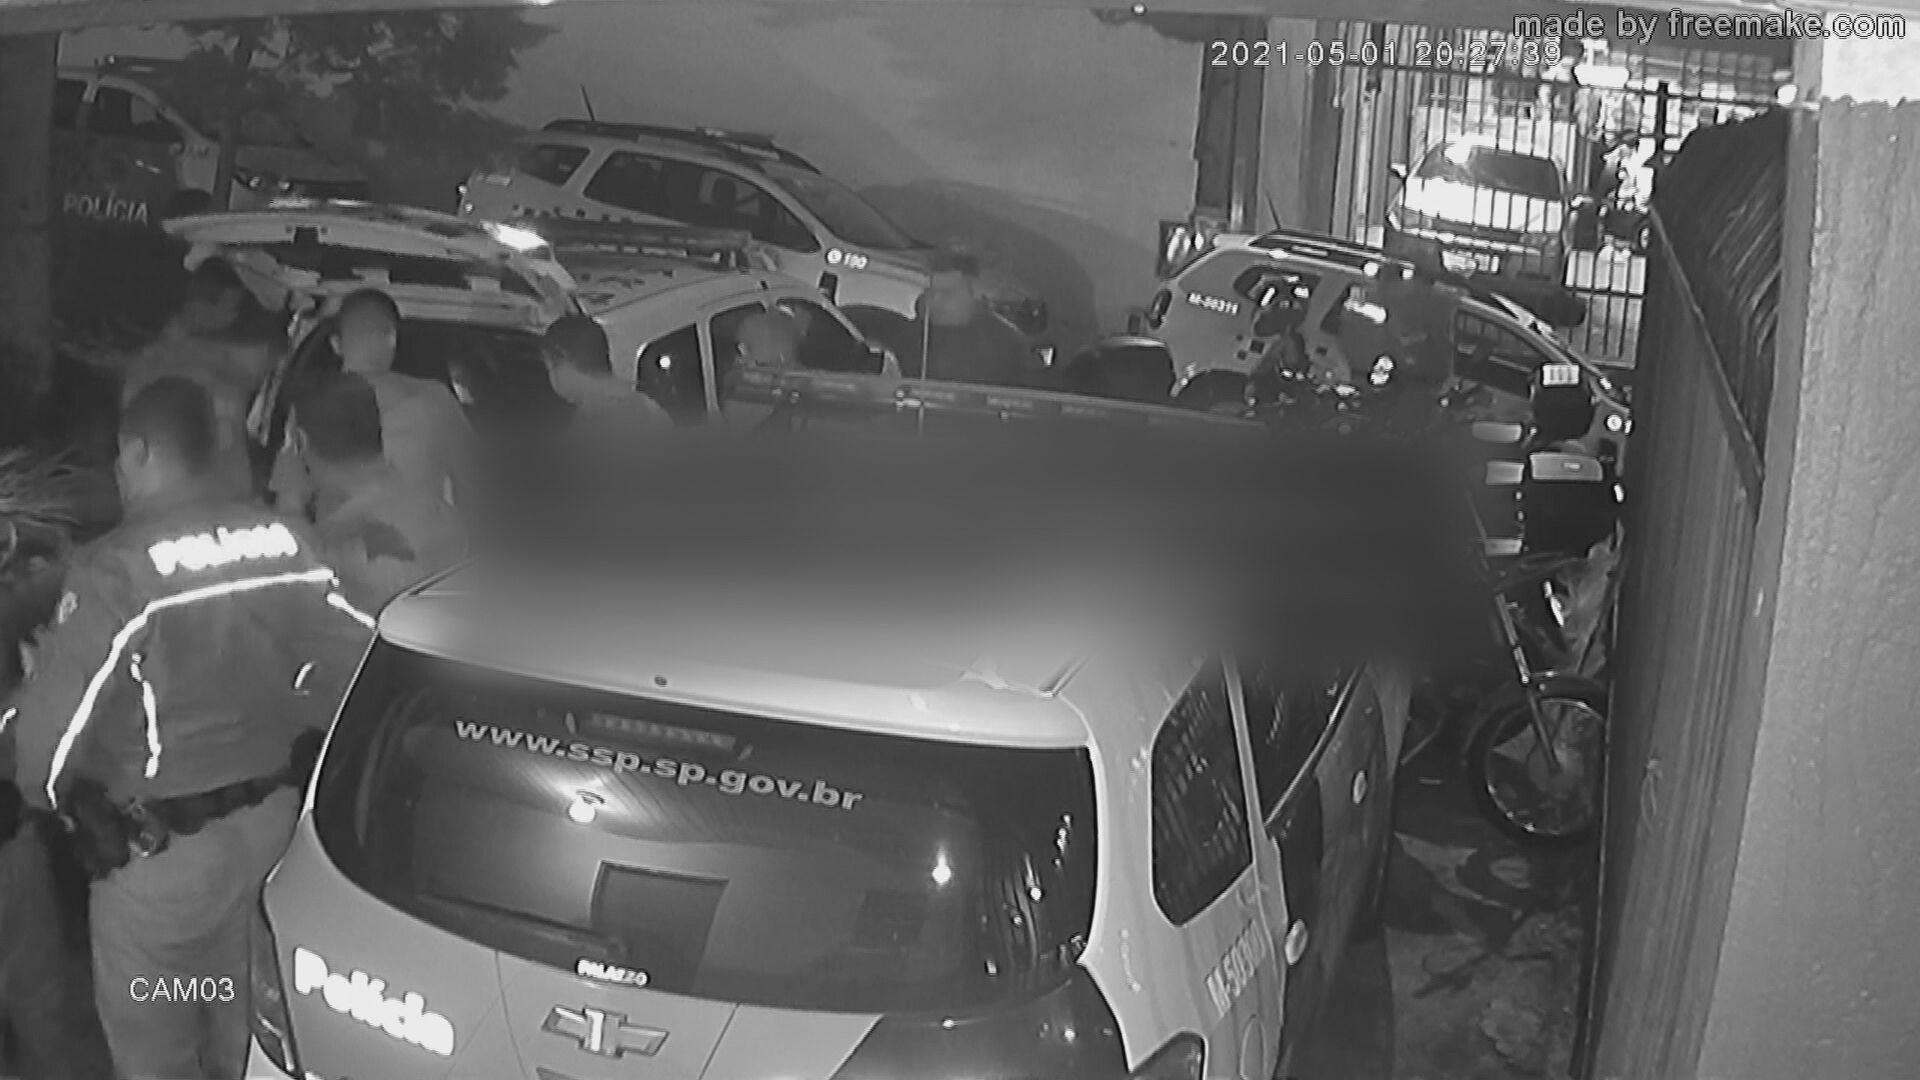 Policiais militares foram flagrados agredindo um vendedor ambulante em São Paulo